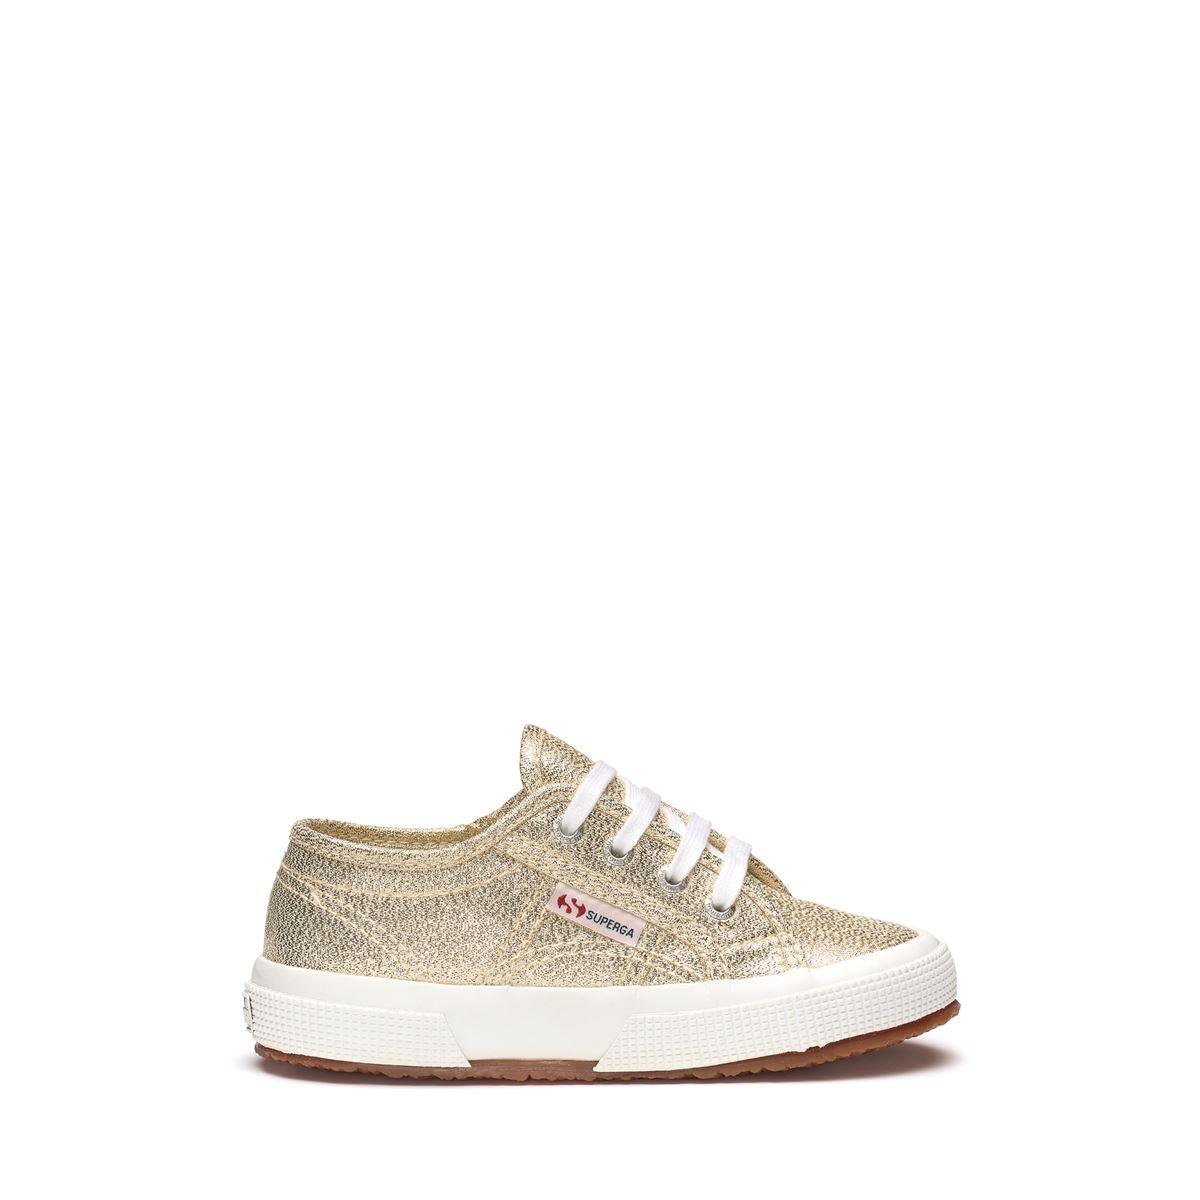 Superga LE SUPERGA 2750-LAMEJ Girl Sneaker